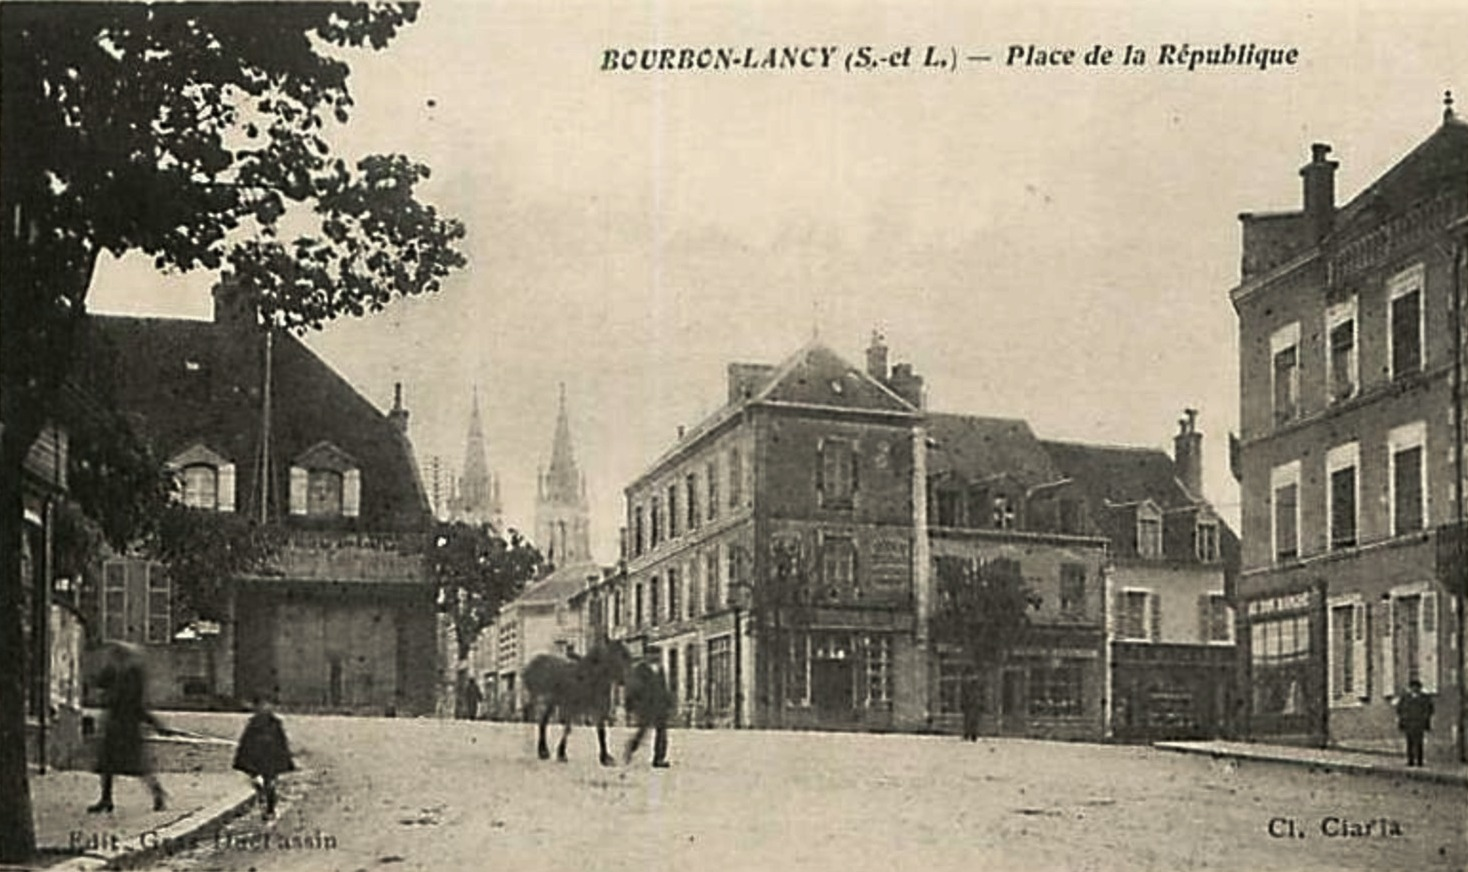 Bourbon-Lancy (Saône-et-Loire) La place de la République CPA